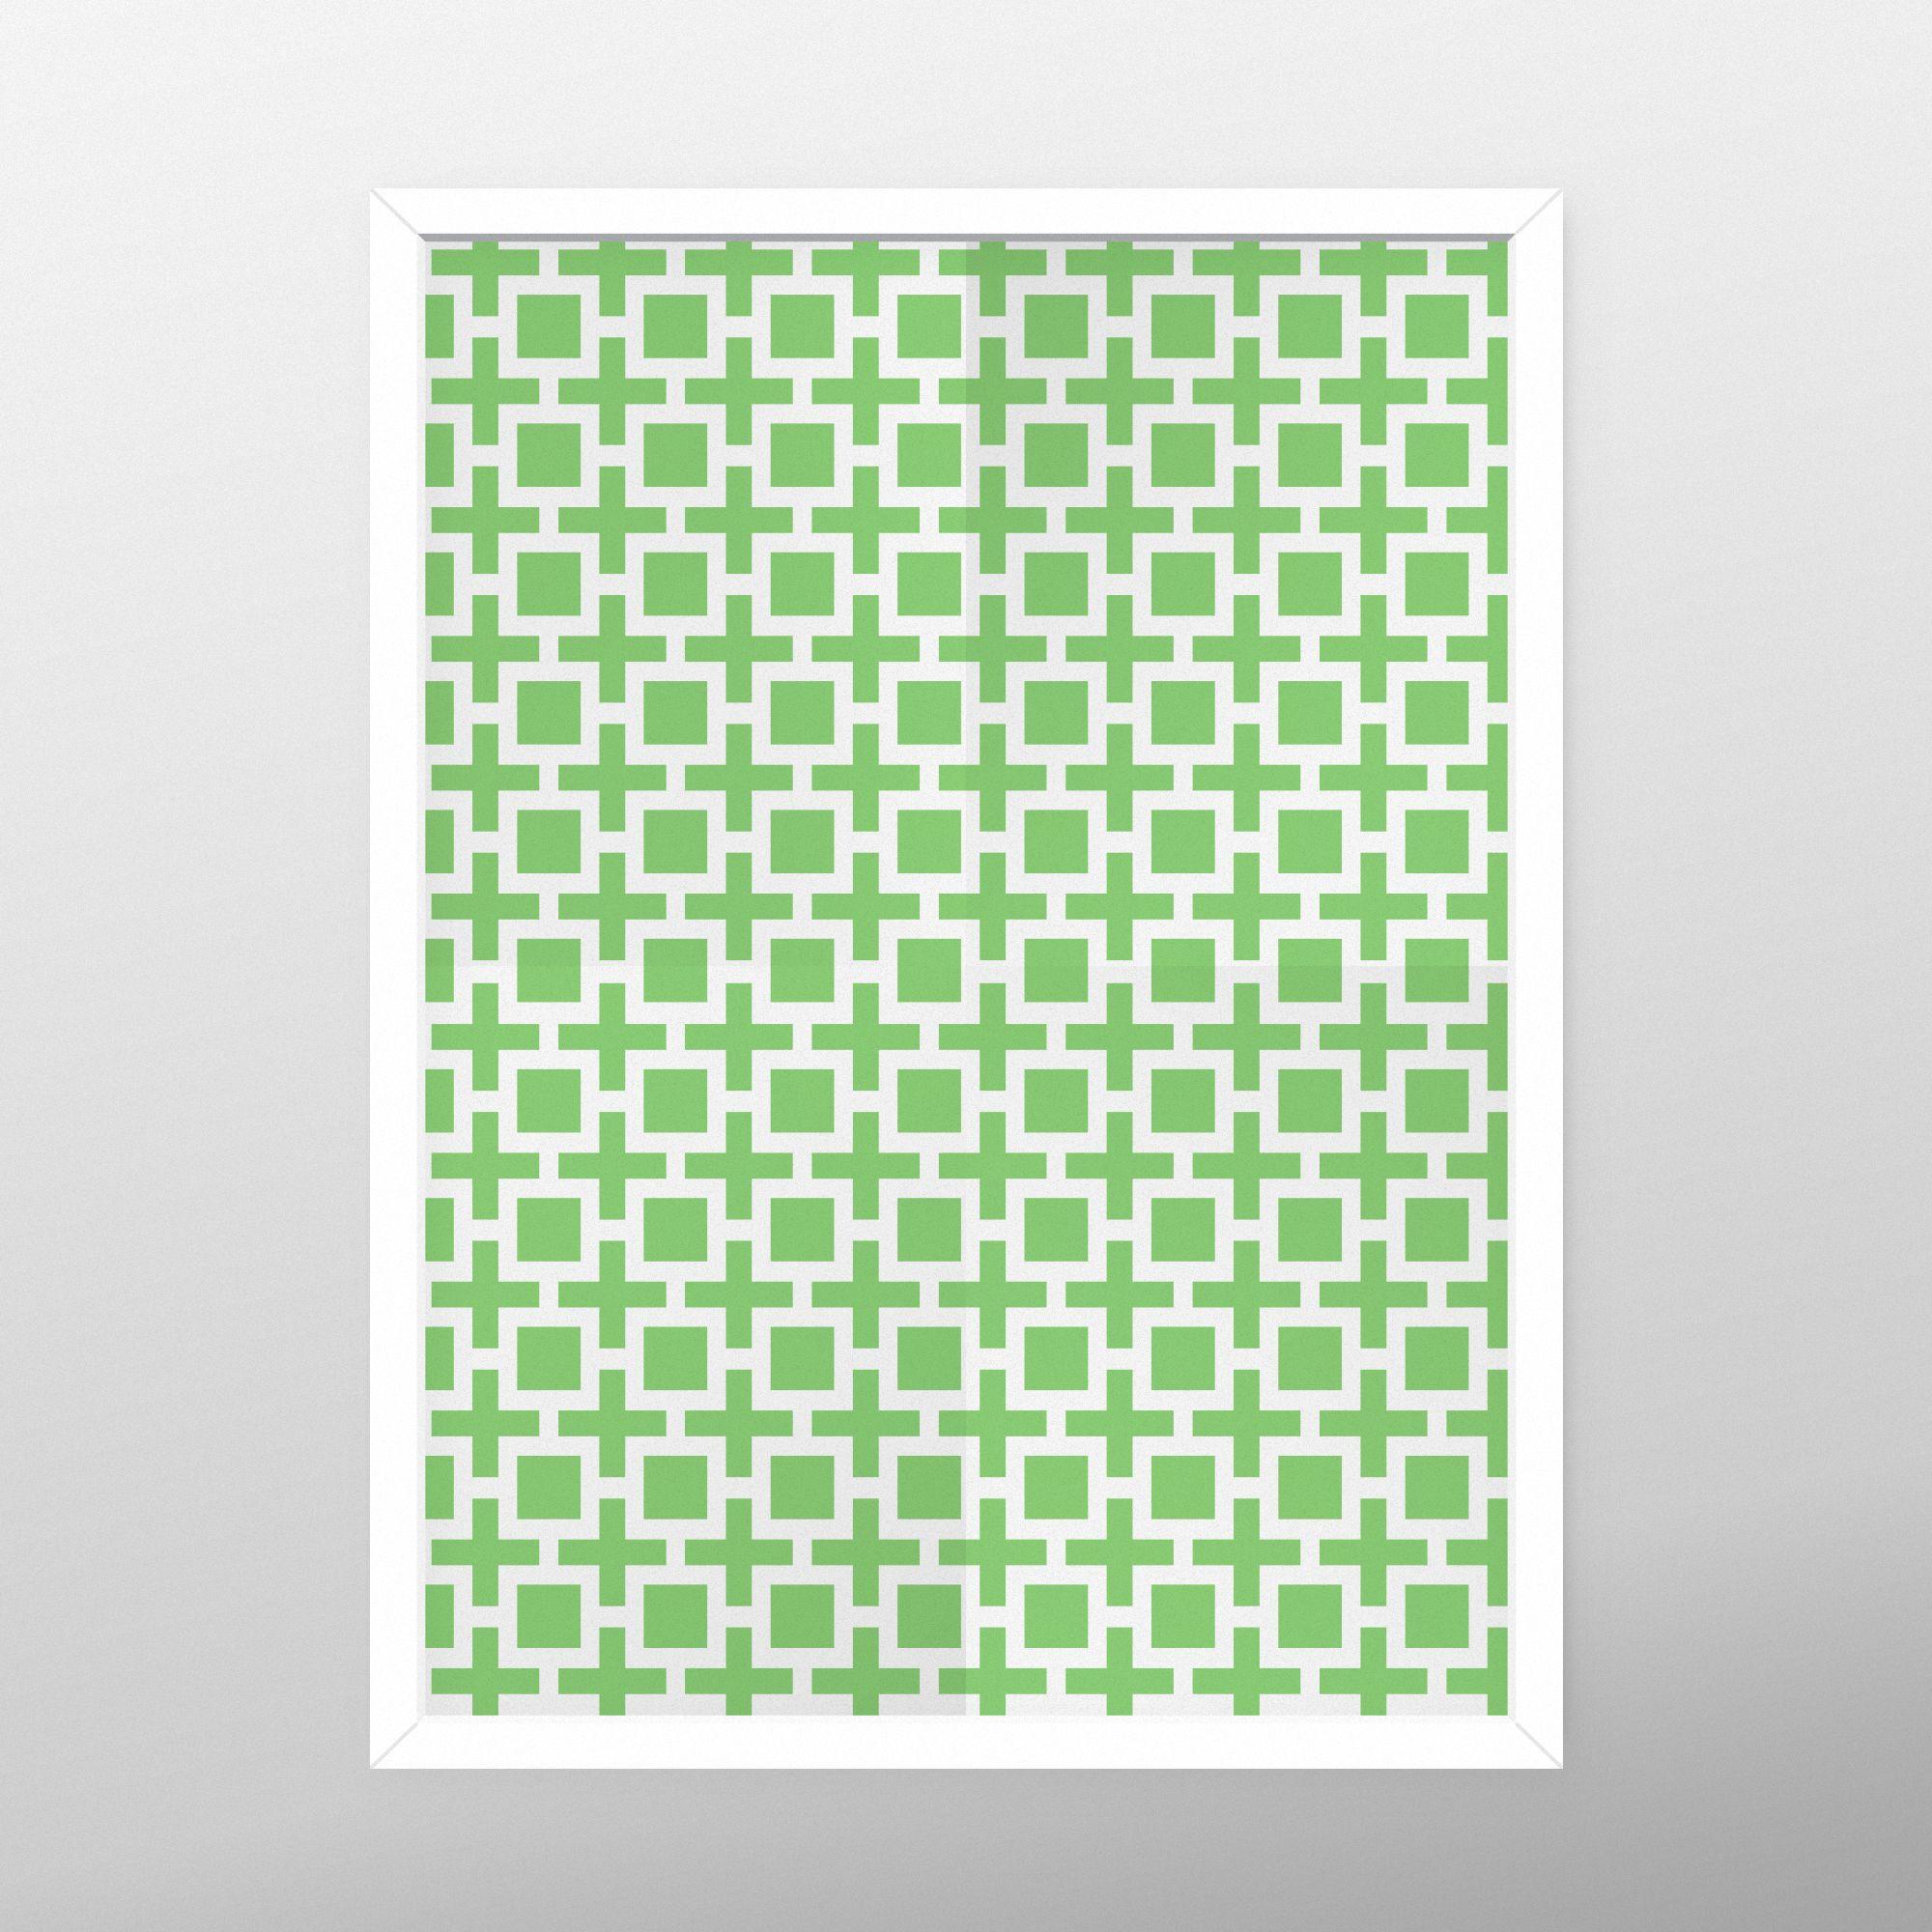 Póster/Lámina  Impreso en papel 100% reciclado Suelto o enmarcado. Medidas: 50 cm. x 70 cm.